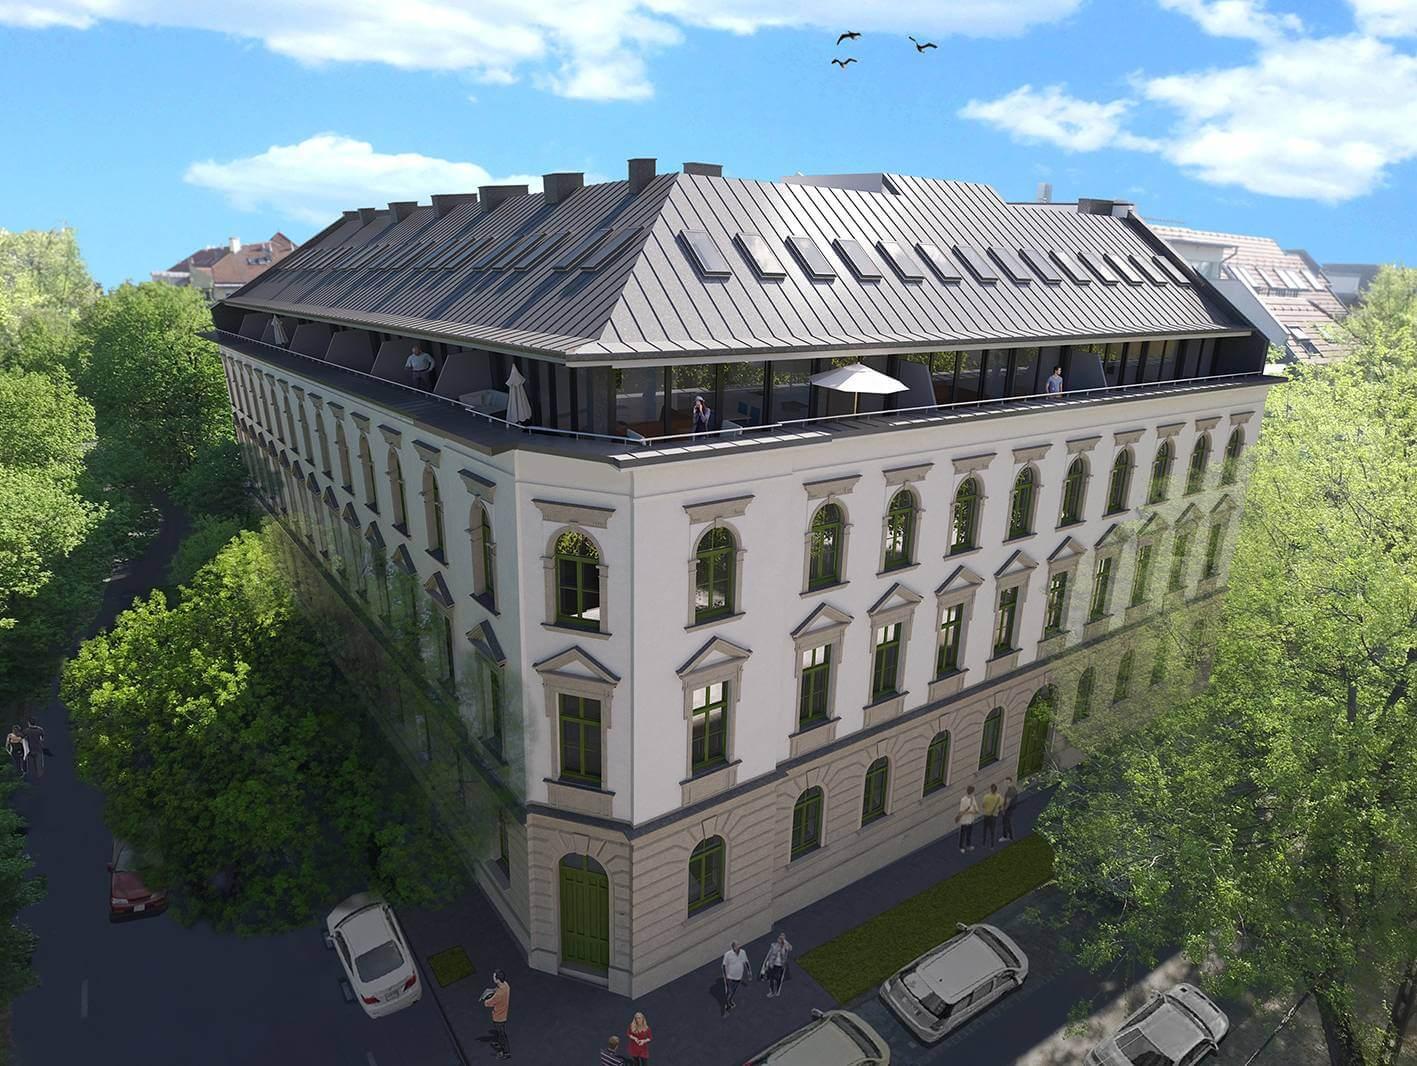 Van még új lakás áfakedvezménnyel, a XIII. kerületben!